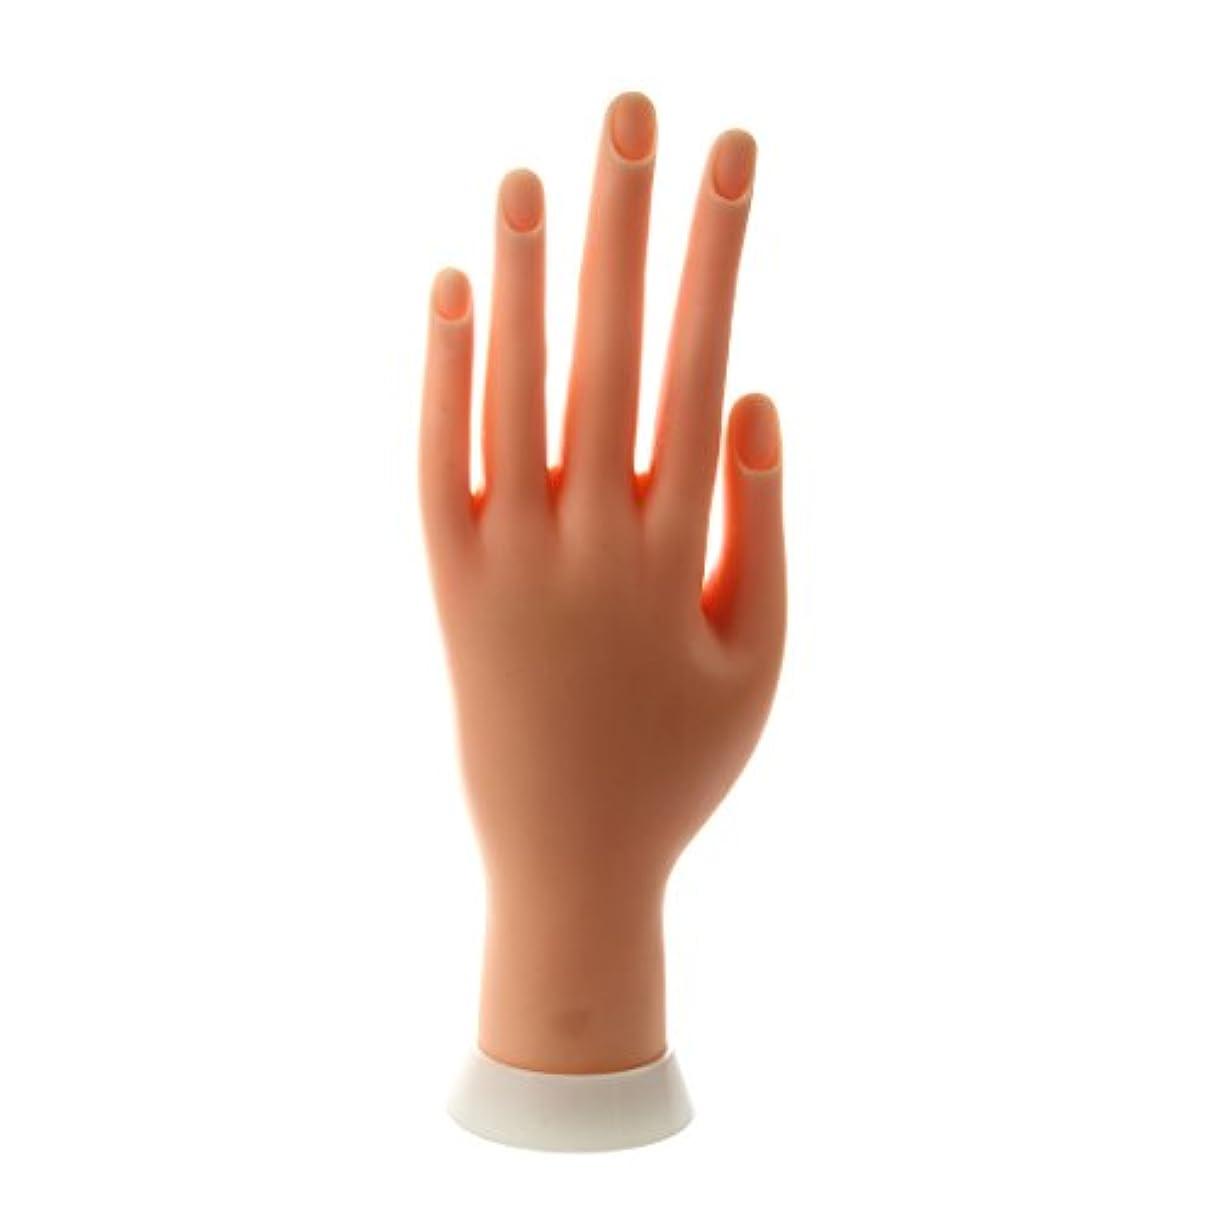 五月割り当てます重さSODIAL(R) ネイルアートの練習のためのモデル左手